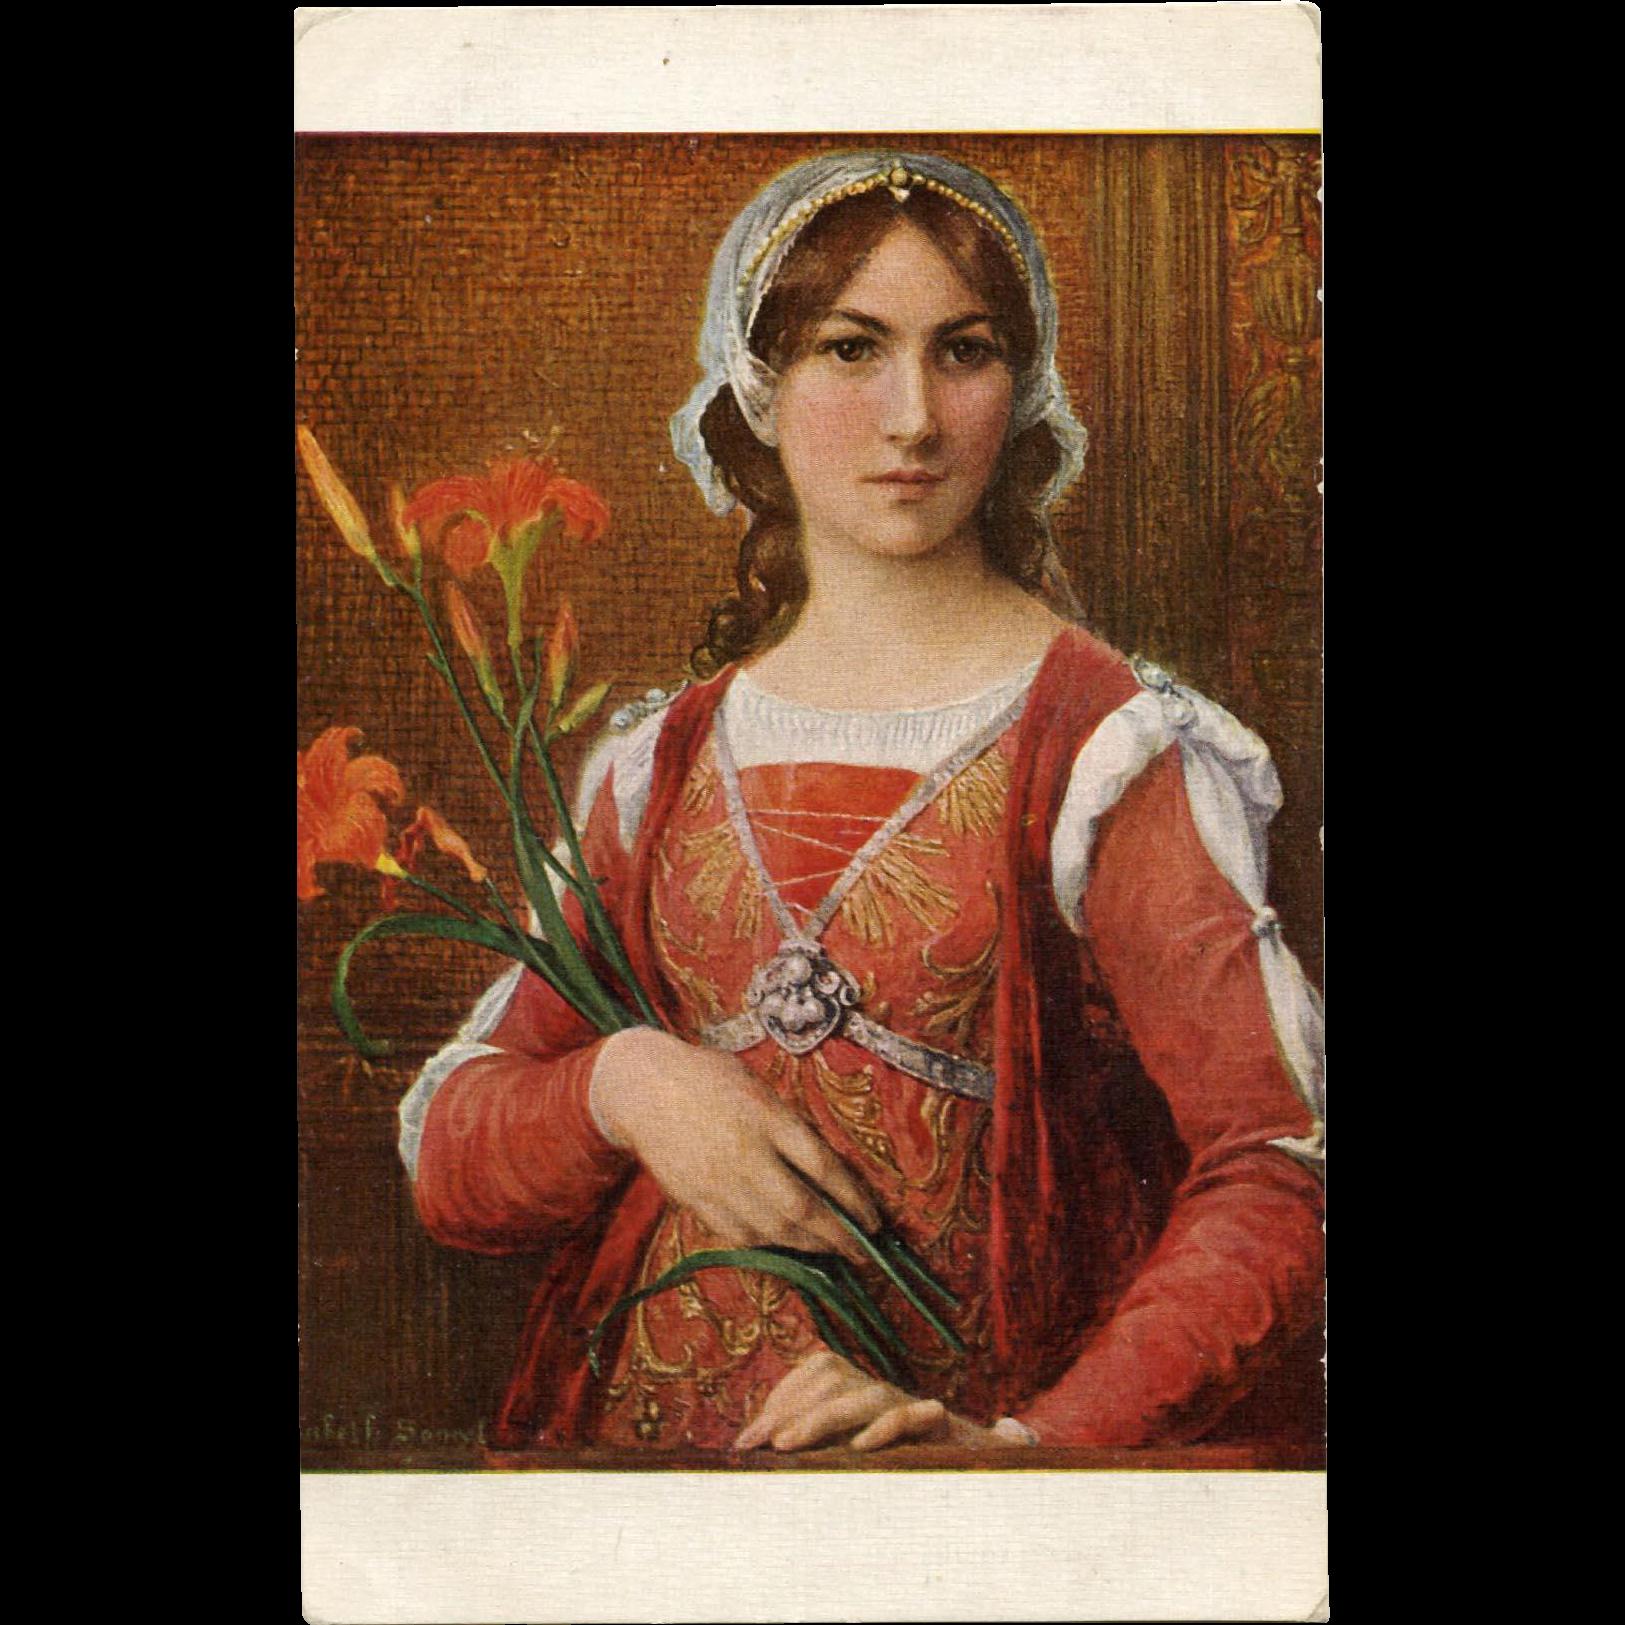 Elisabeth Sonrel Salon de Paris Florentine Princess Antique French Postcard